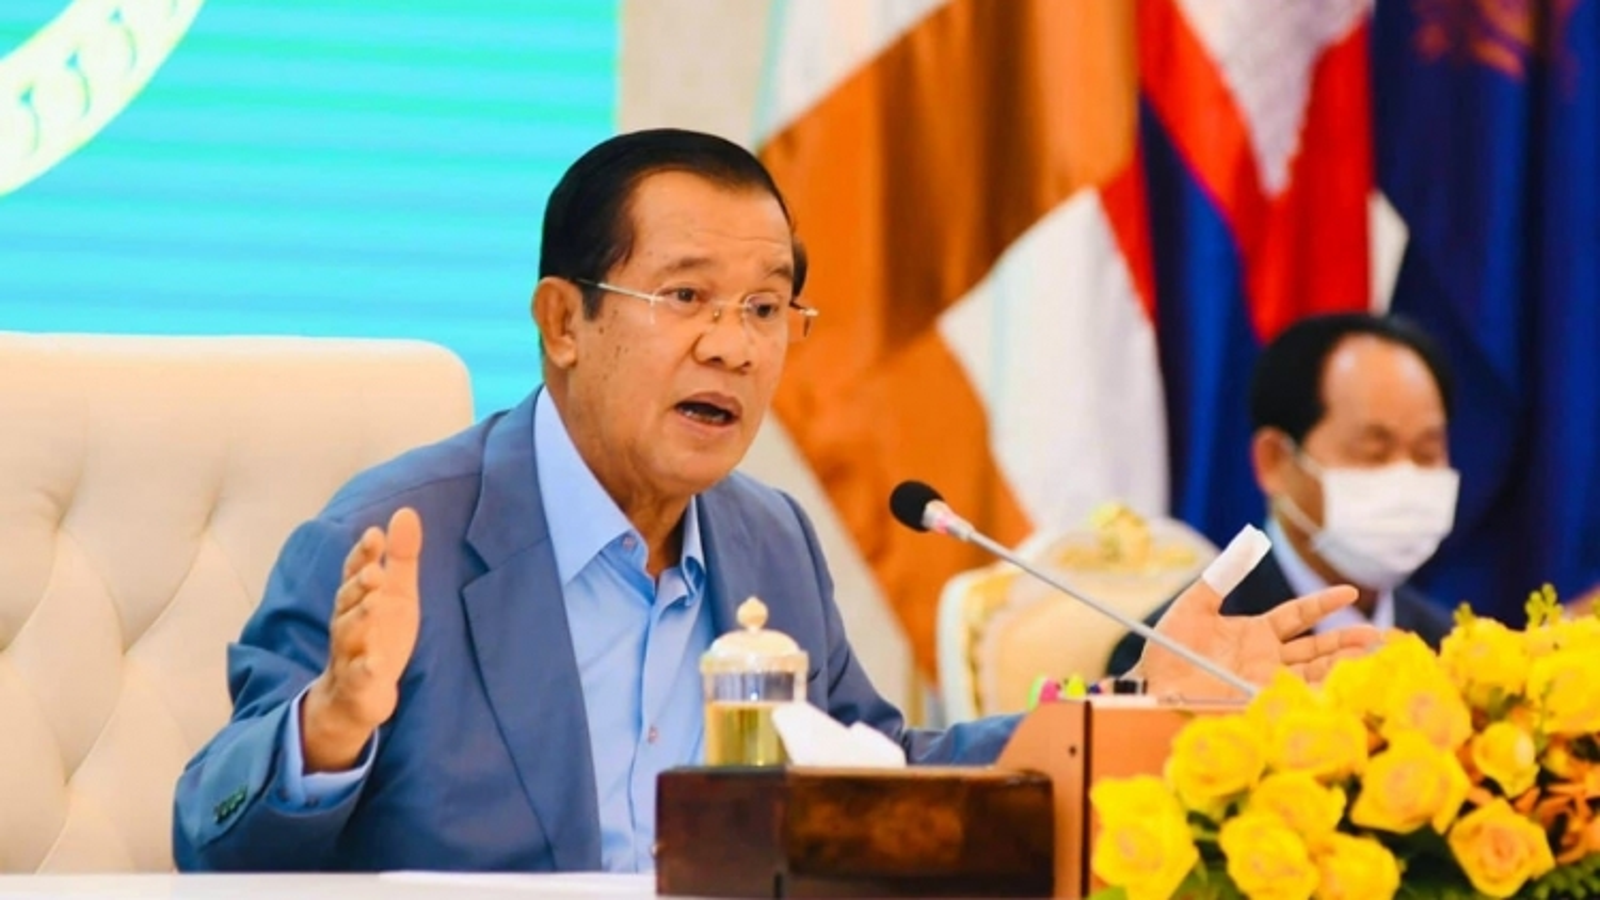 Lo ngại Covid-19, Campuchia đóng cửa trường học ở thủ đô Phnom Penh và tỉnh Kandal